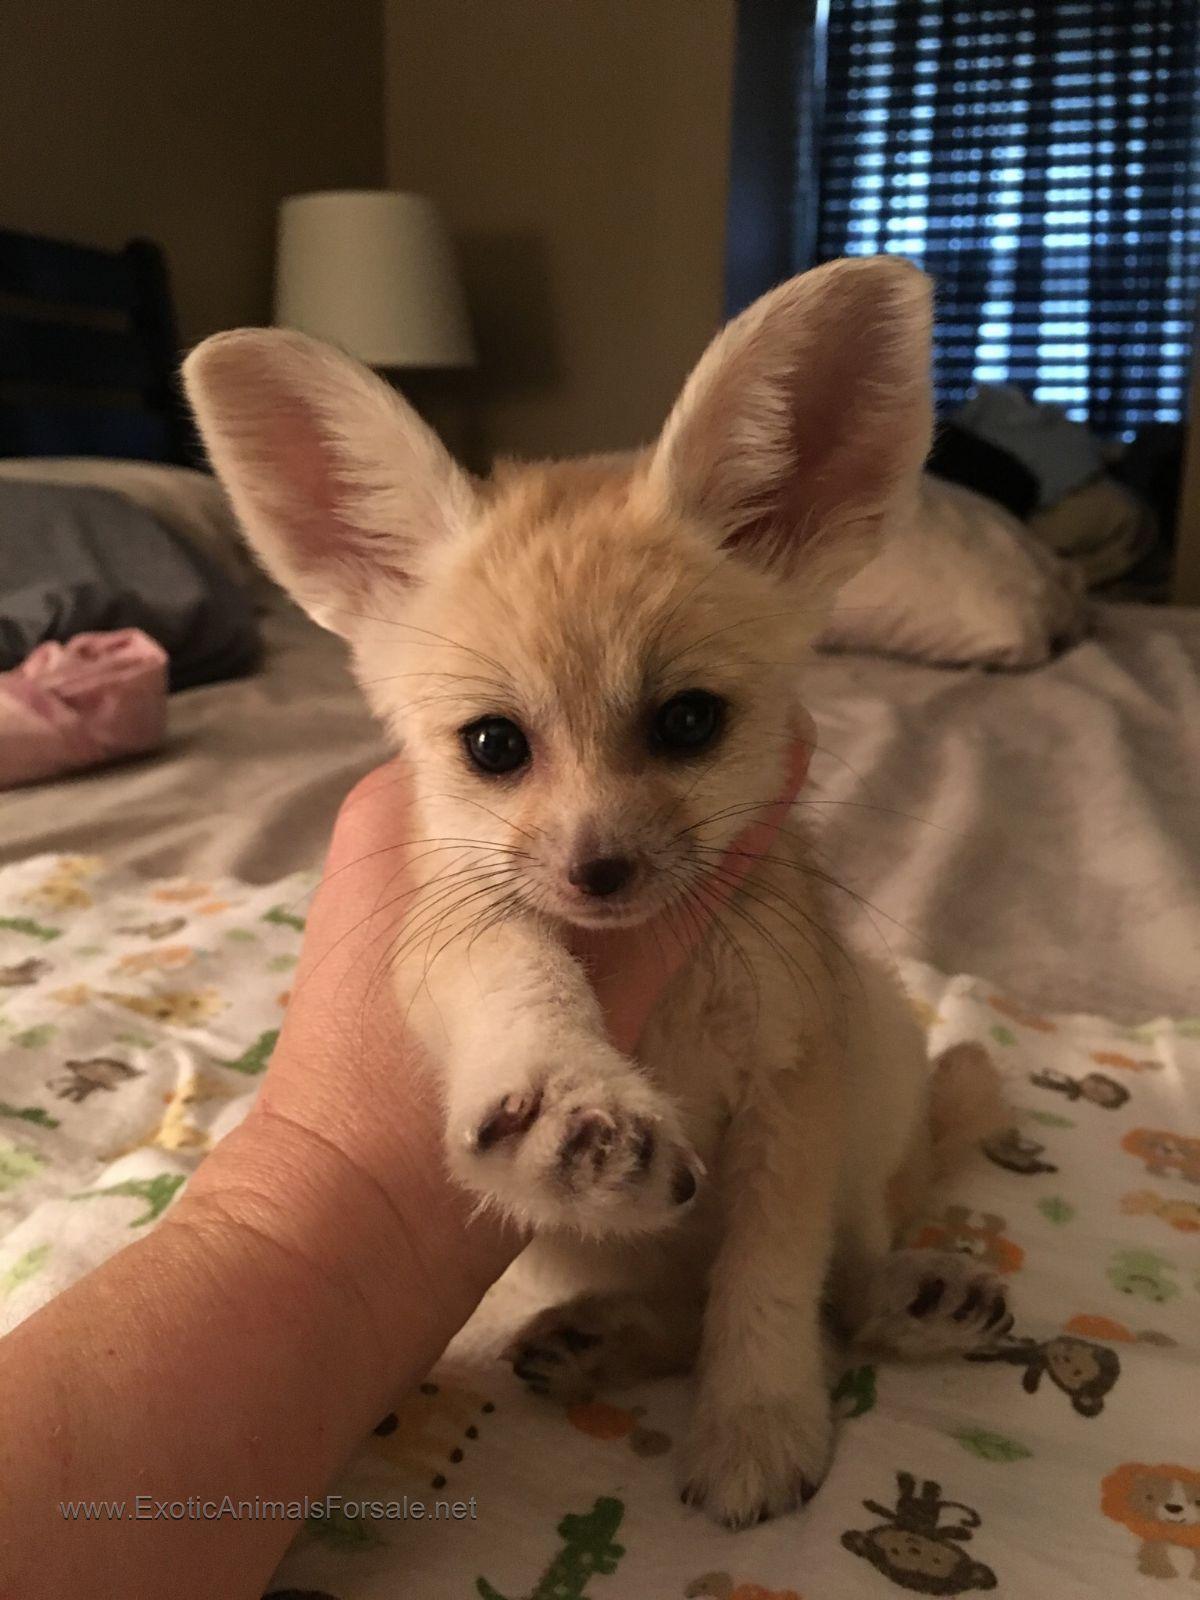 Fennec Fox For Sale Cute baby animals, Pet fox, Cute animals